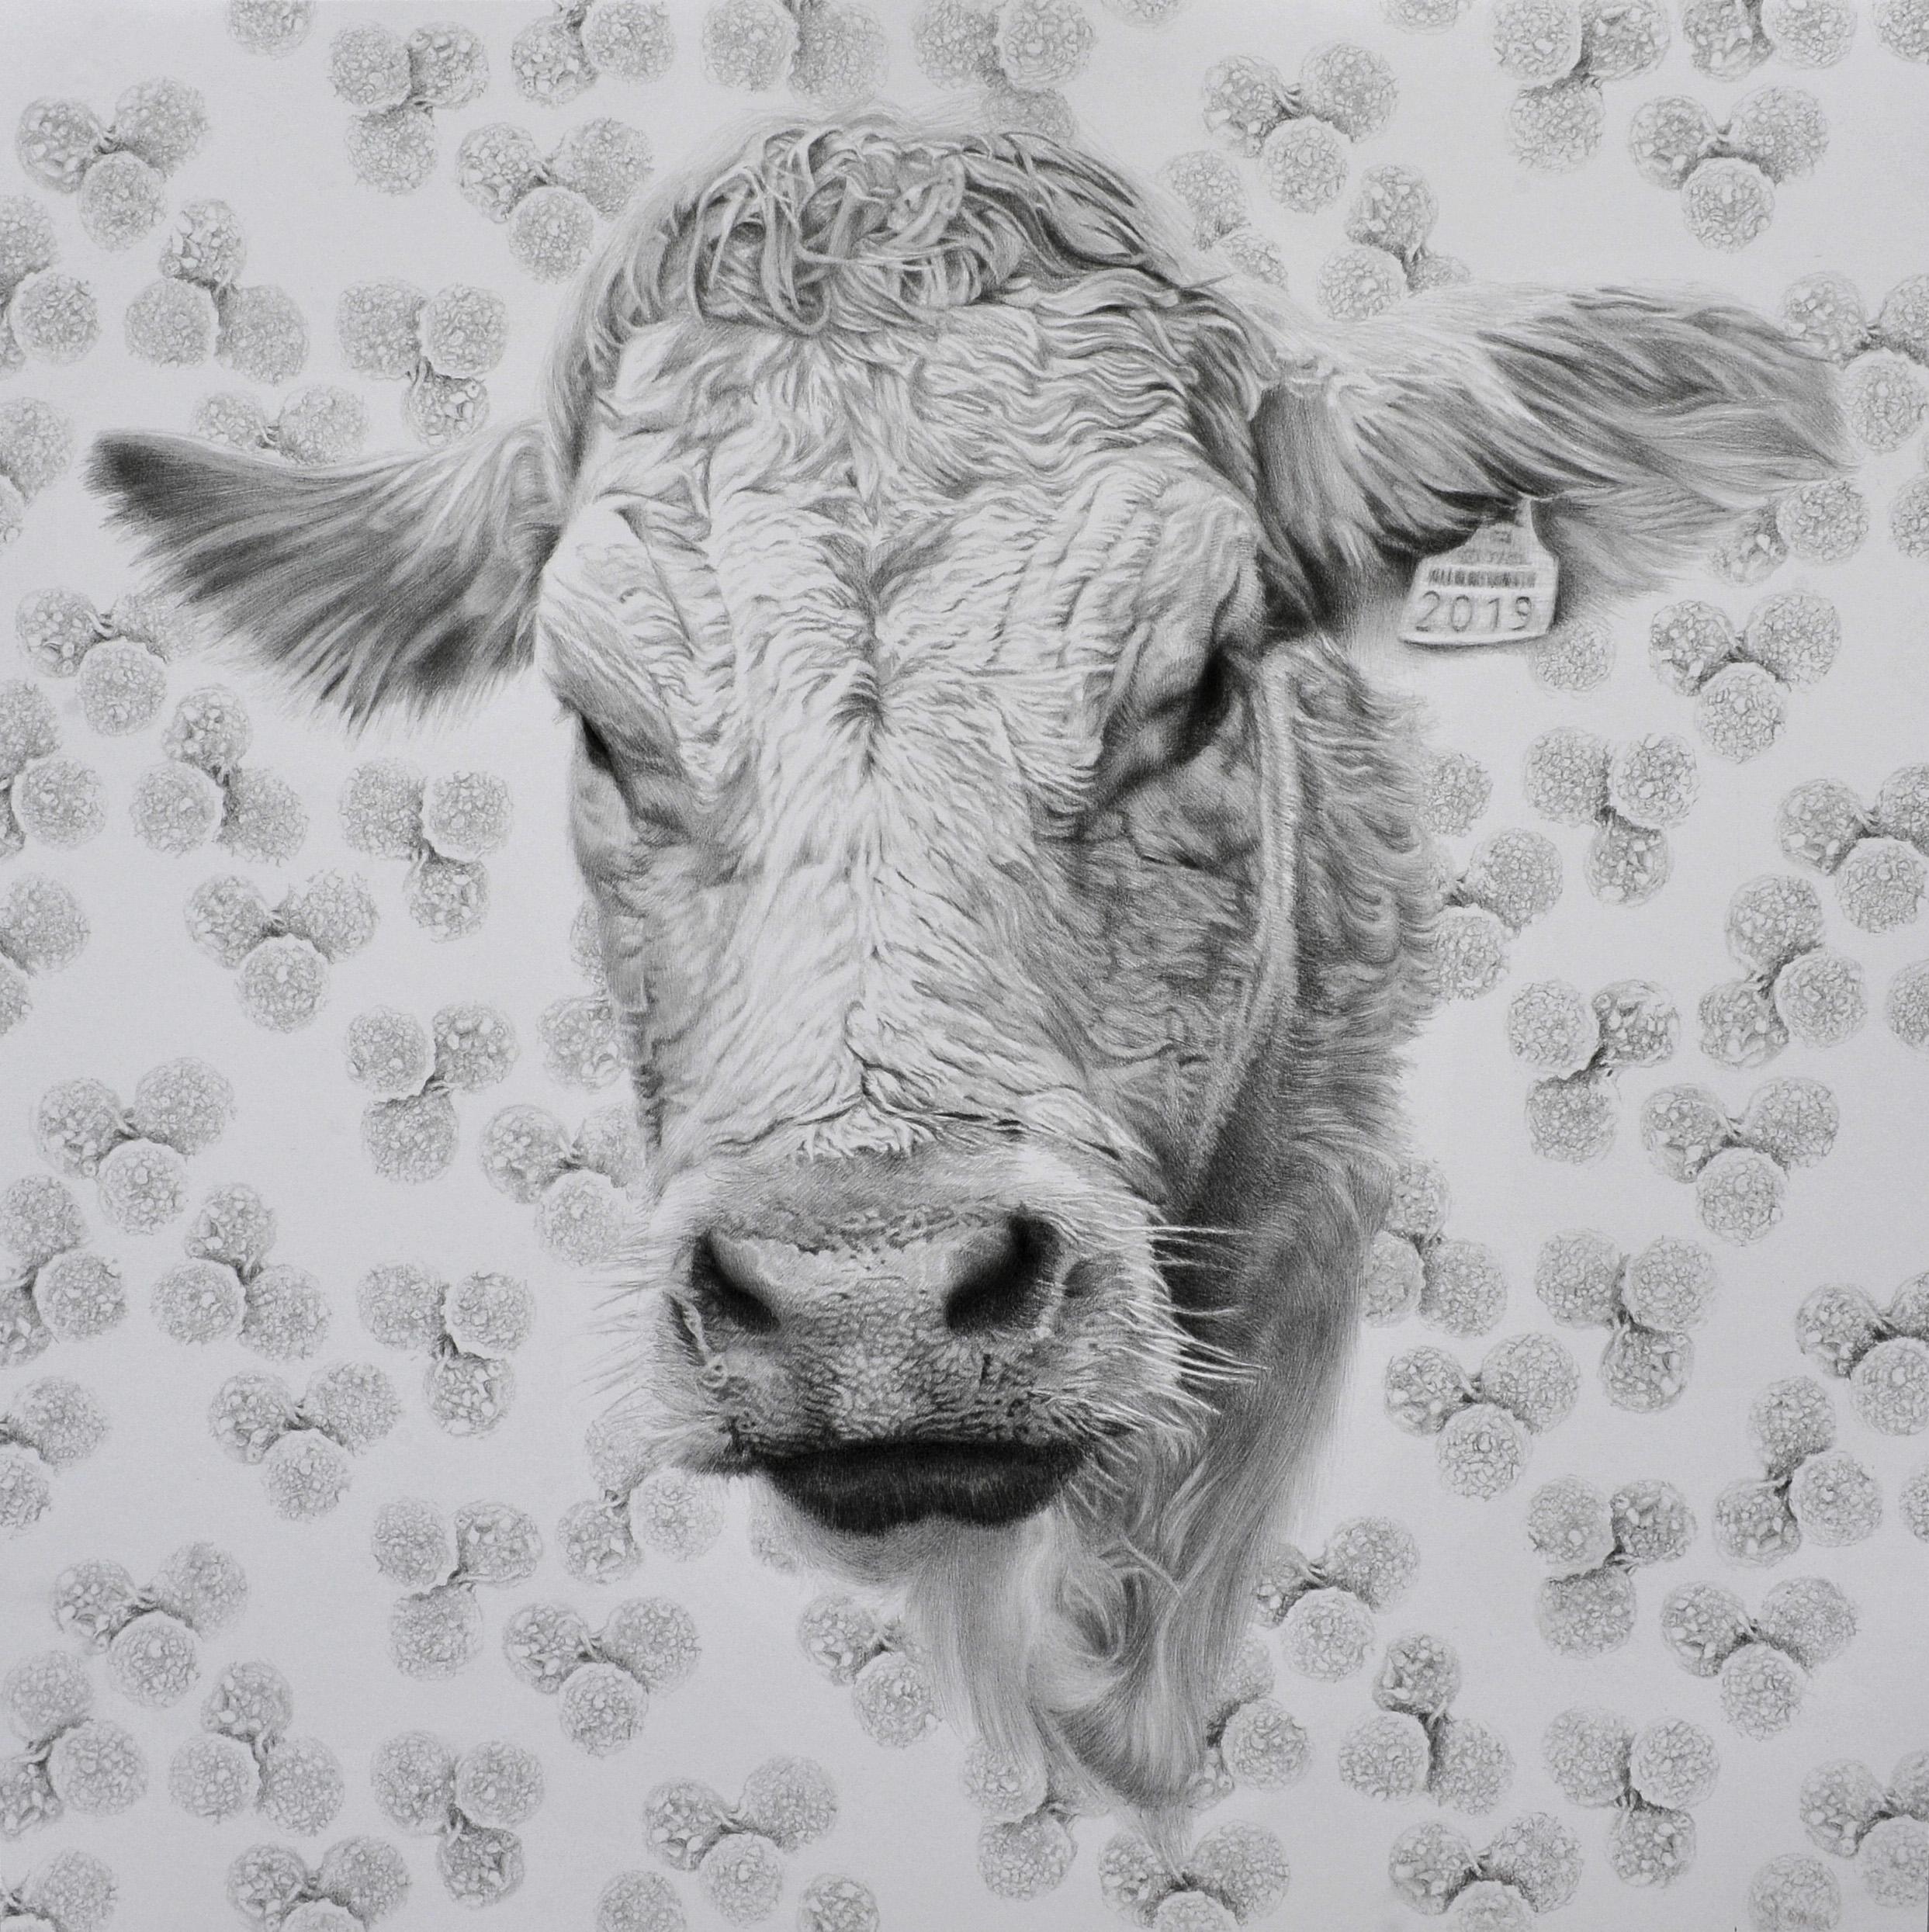 Mycoplasma Mycoides, série Portraits Viraux, crayon graphite sur papier, 50x50cm